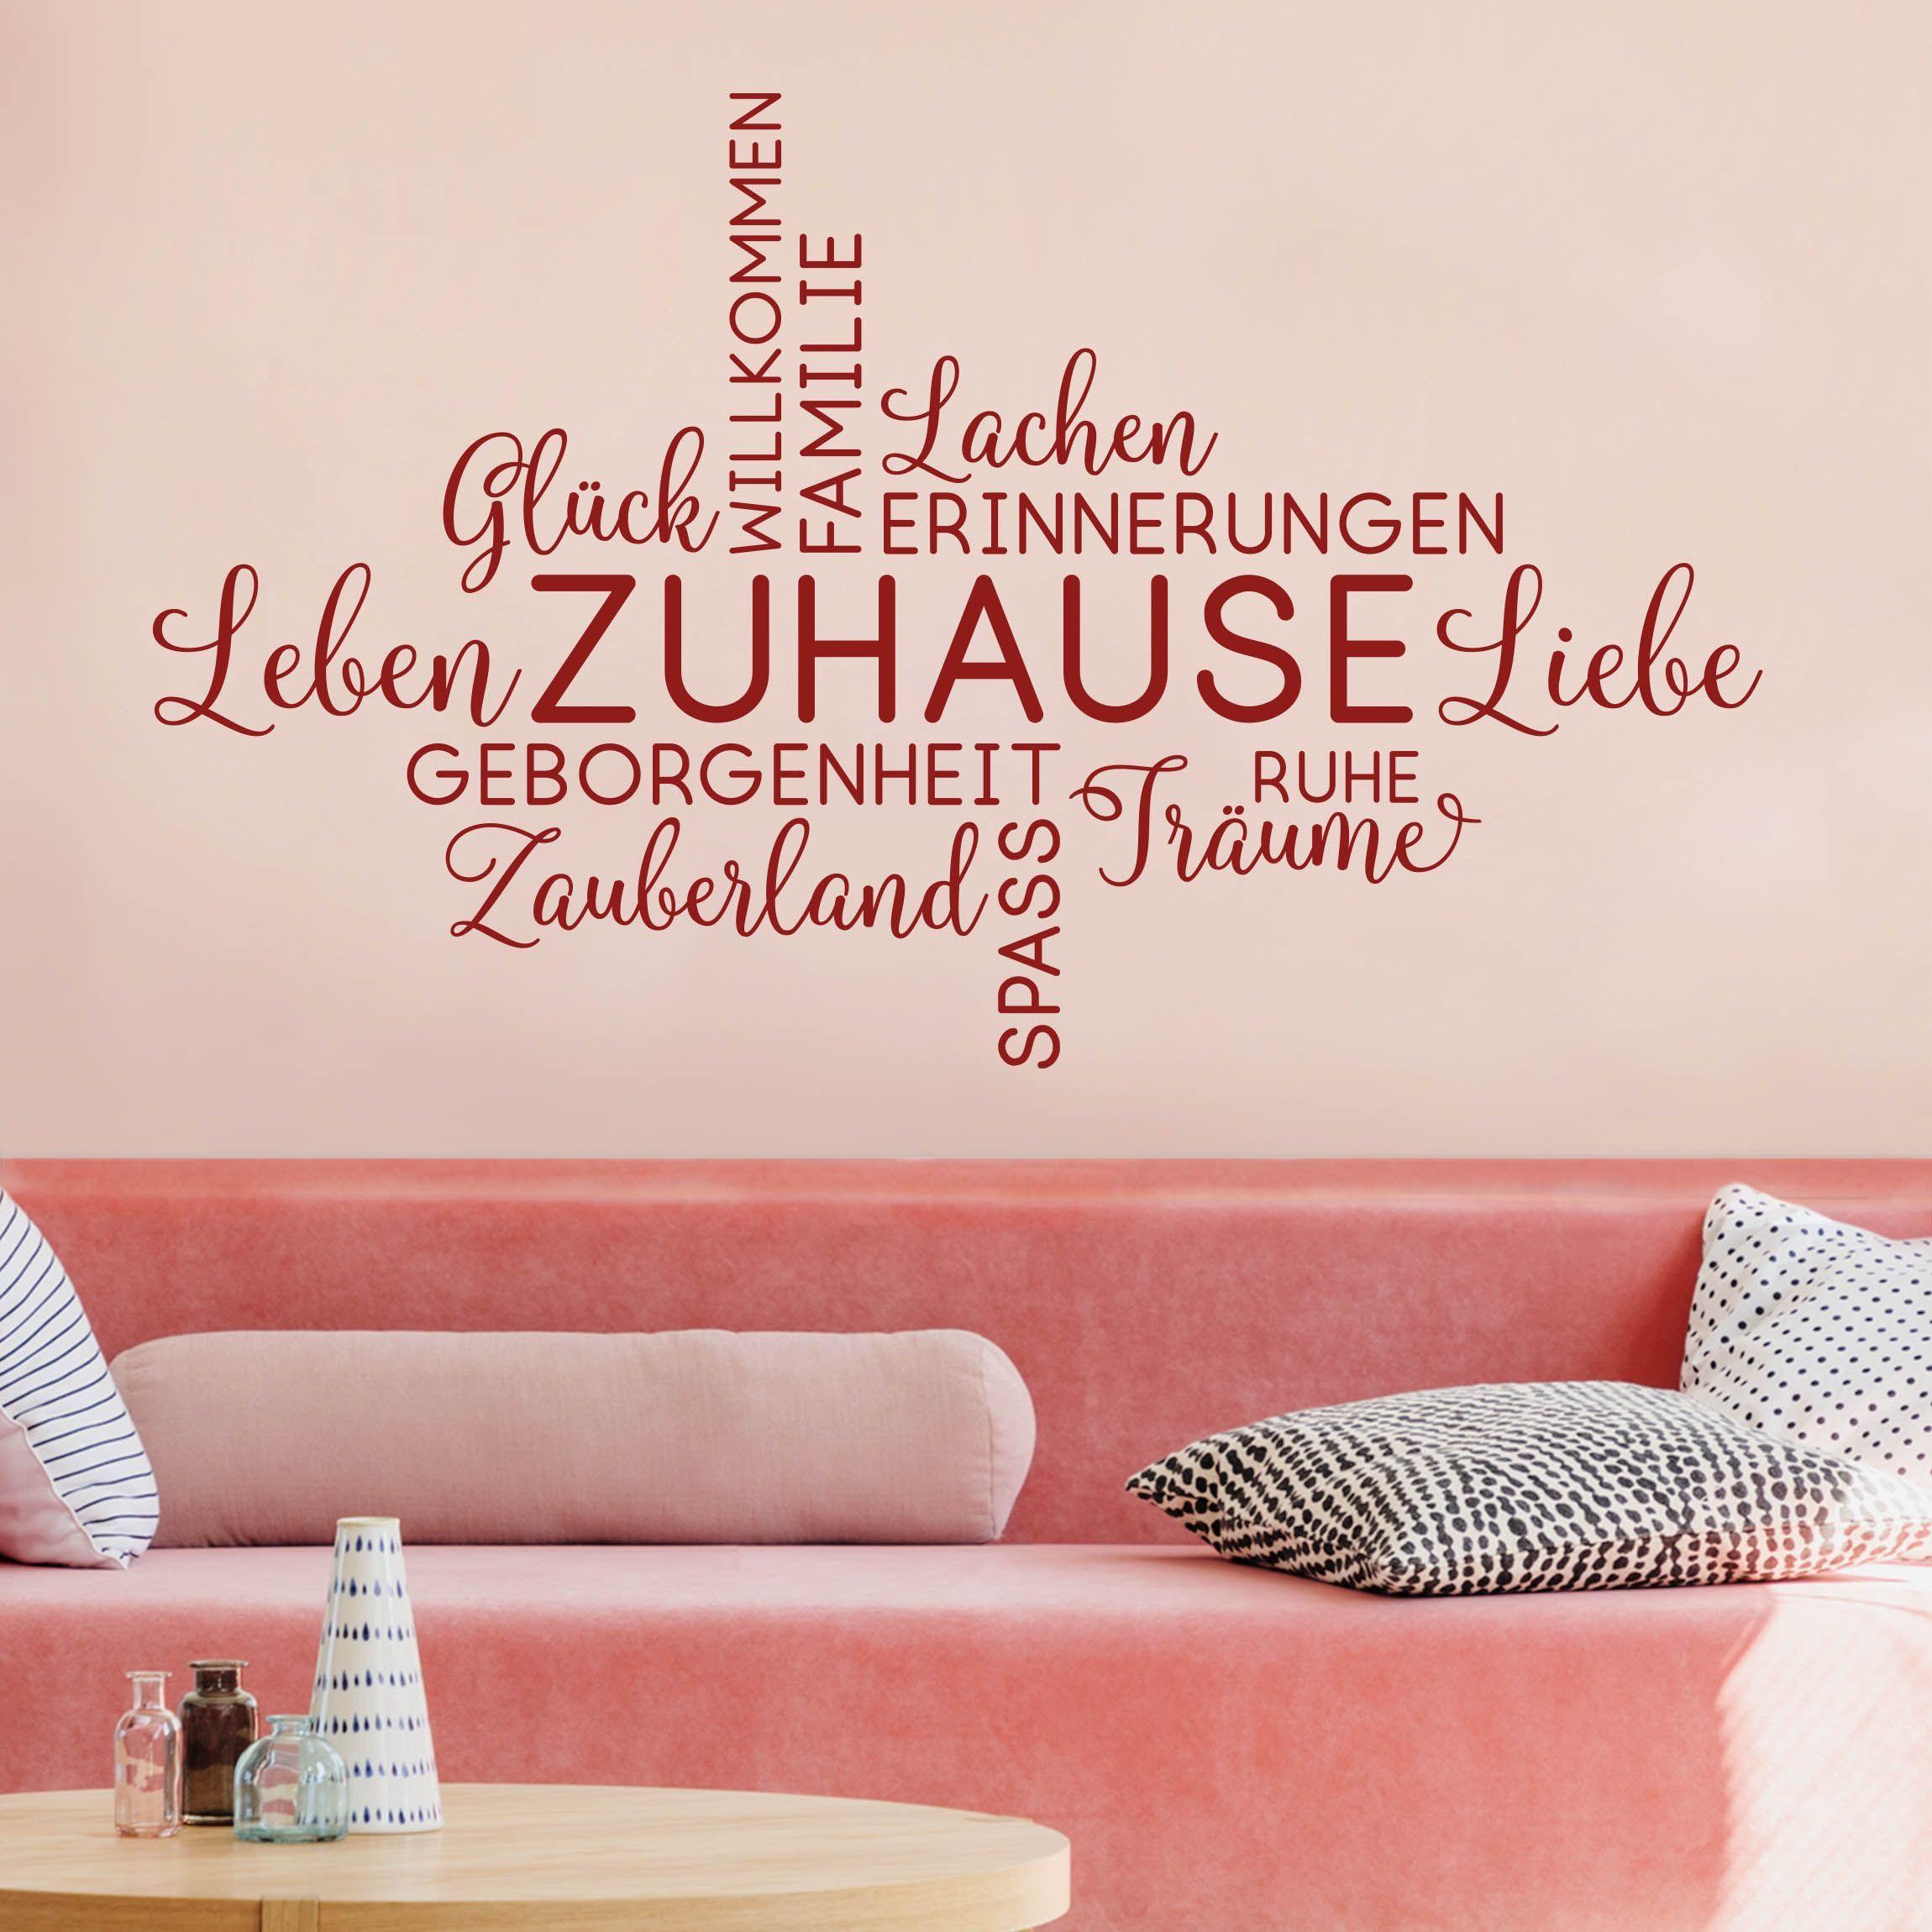 Du Mochtest Deine Wande Mit Einem Modernen Zuhause Spruch Verschonern Das Wandtattoo Zuhause In Worte Wandtattoos Spruche Wandtattoo Zitate Wandtattoo Spruche